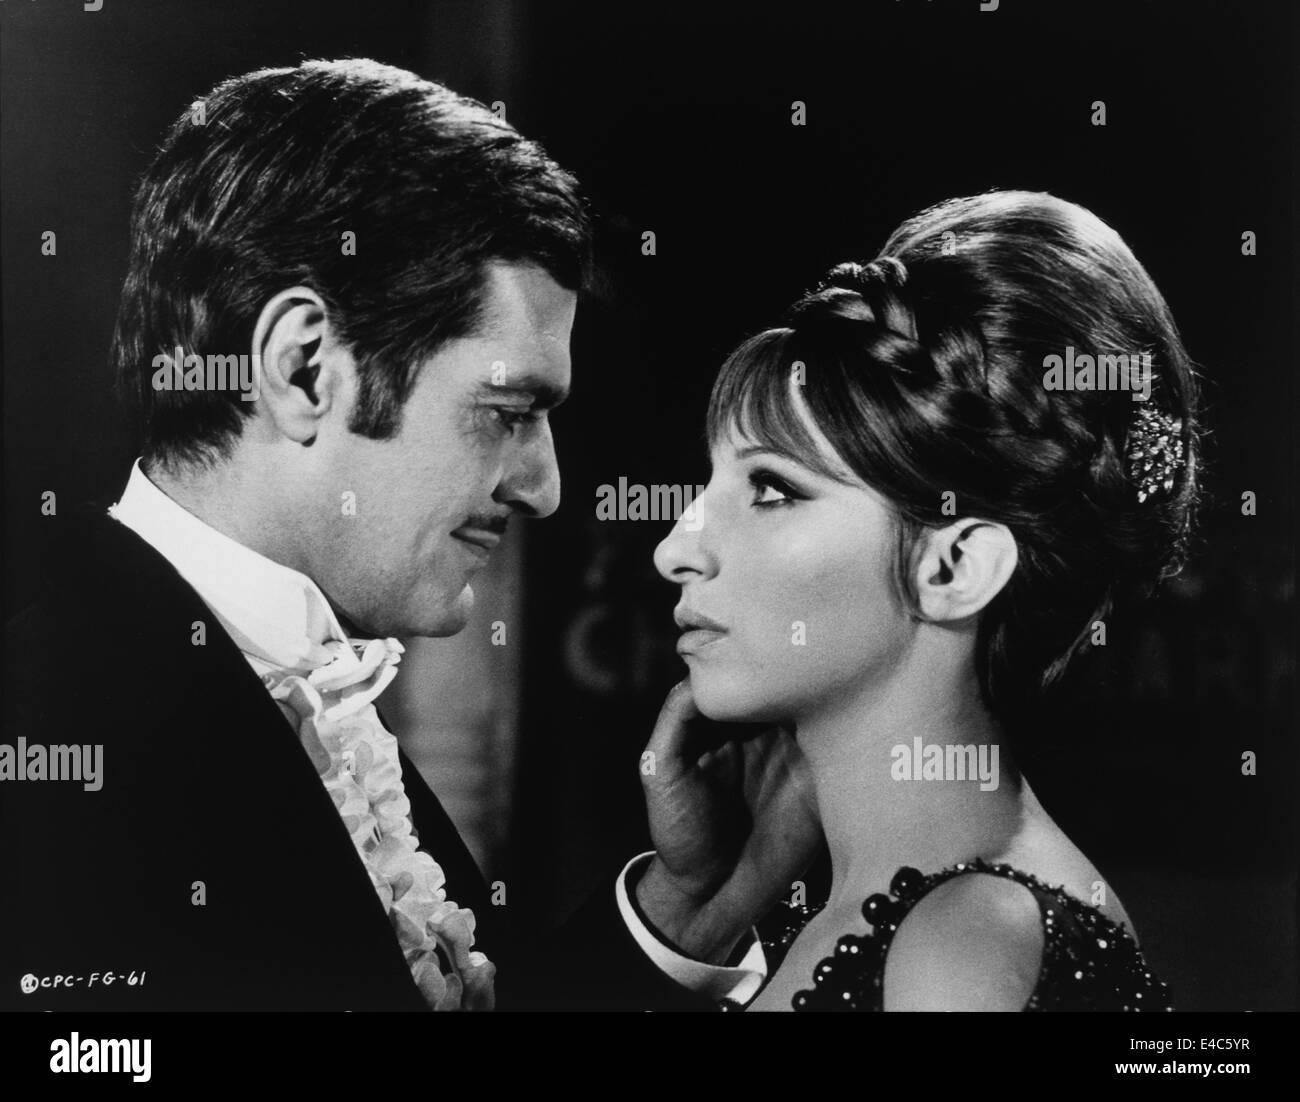 Omar Sharif, Barbra Streisand, on-set of the Film, 'Funny Girl', 1968 - Stock Image